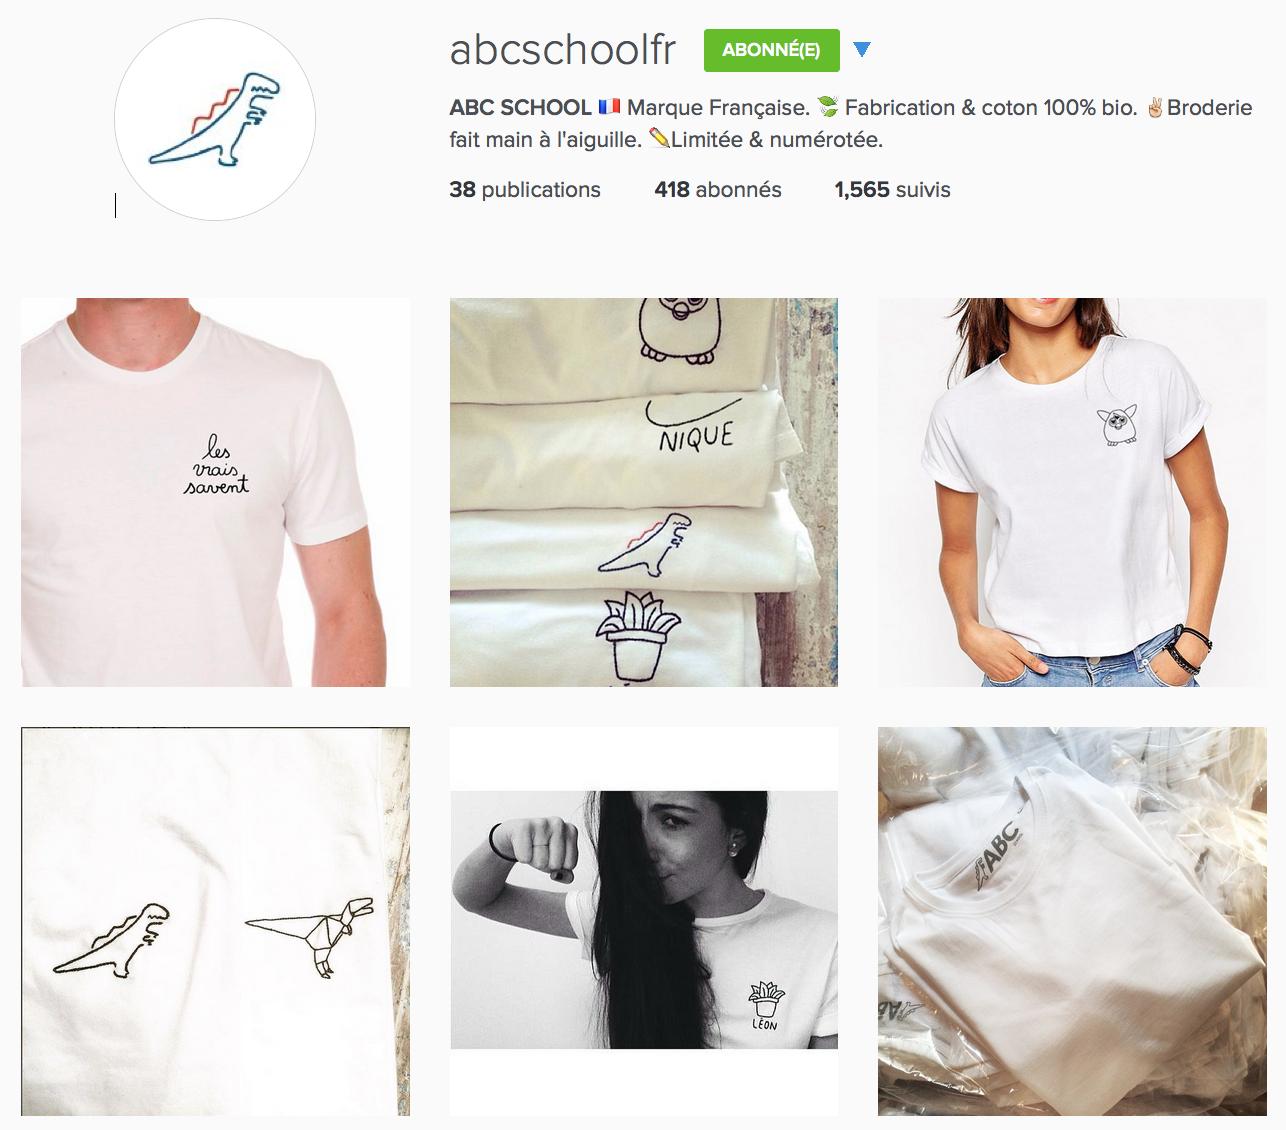 compte instagram de abcschool